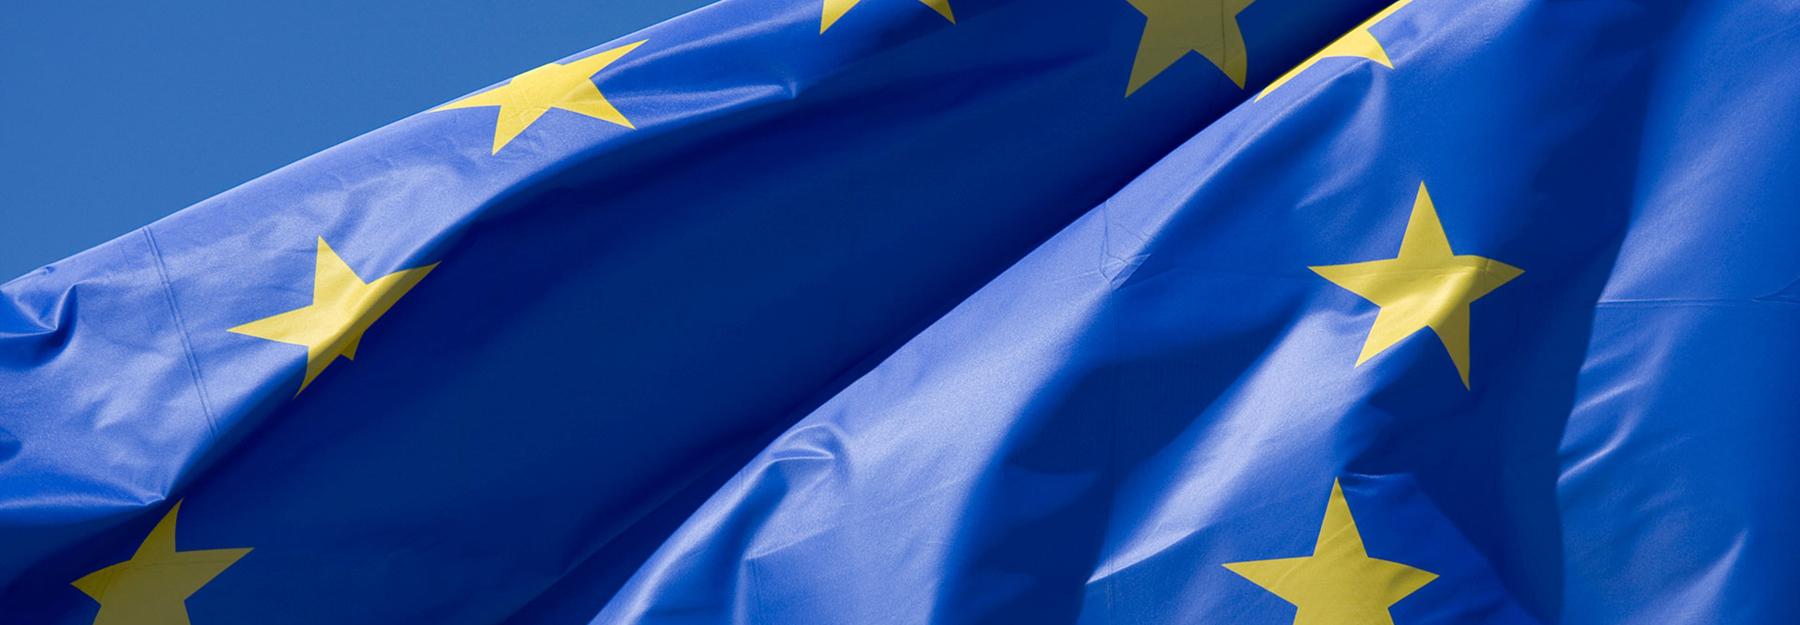 Samla dig europa